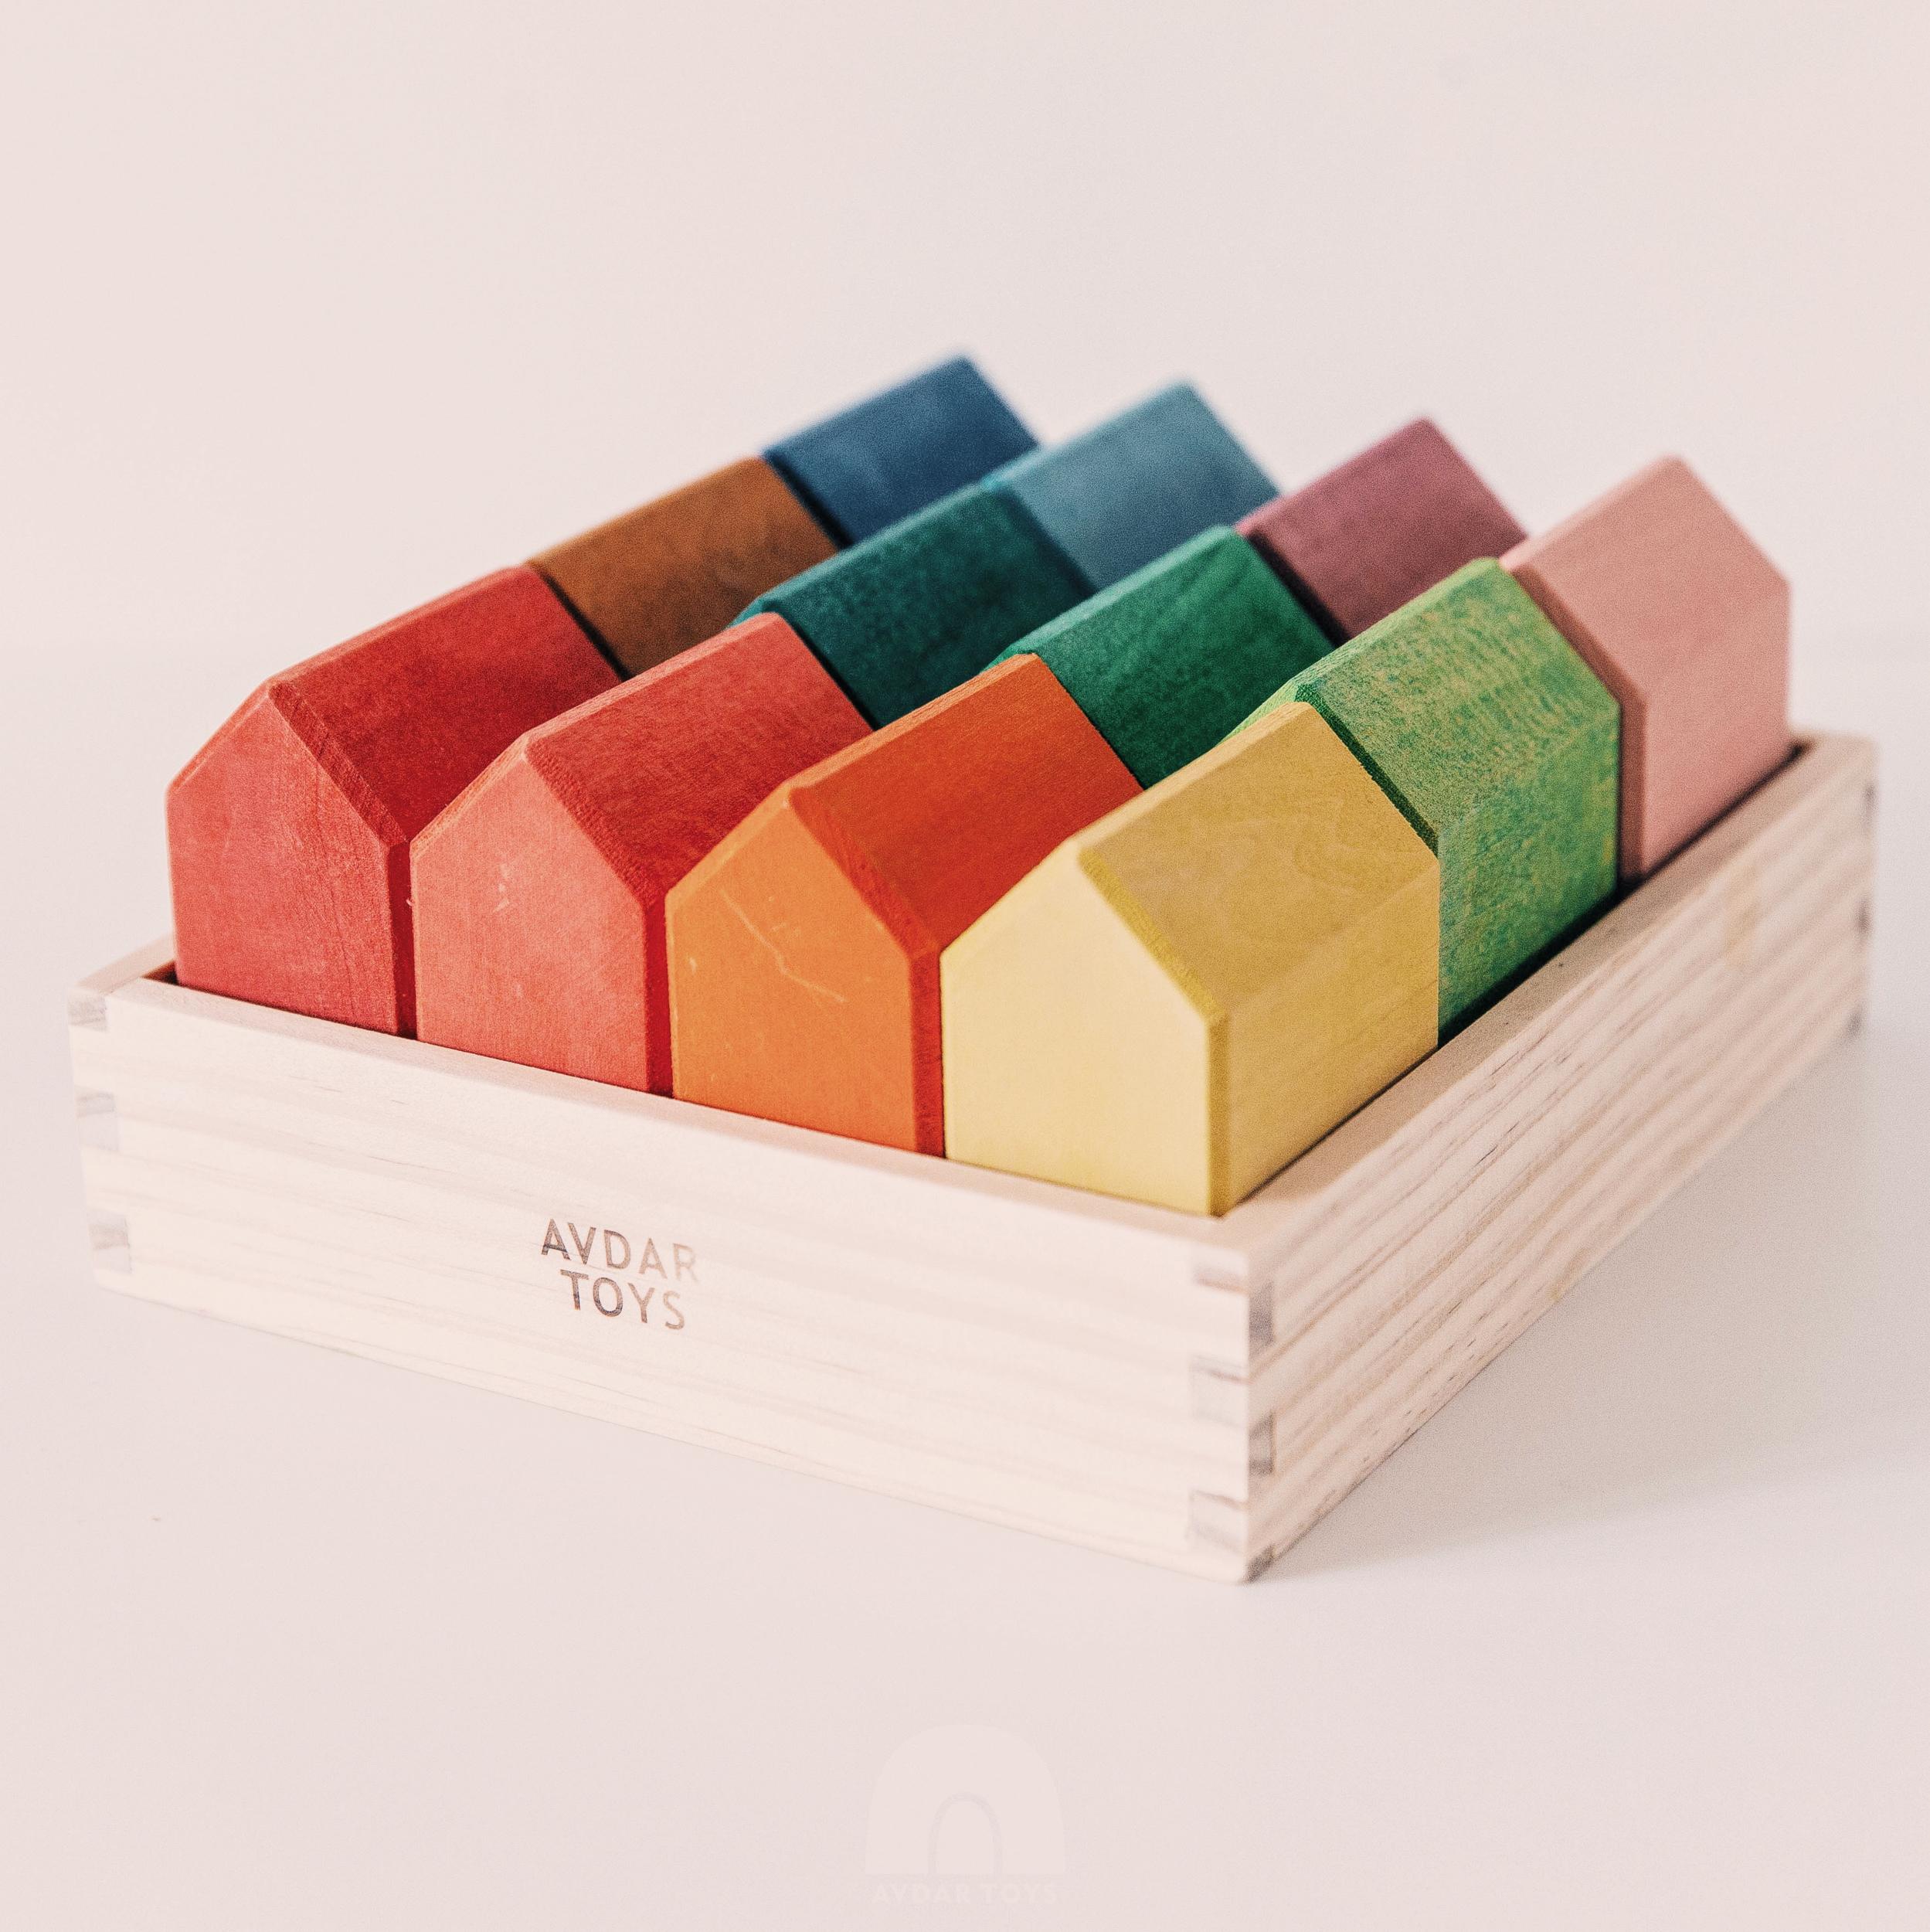 Maisons arc-en-ciel en bois